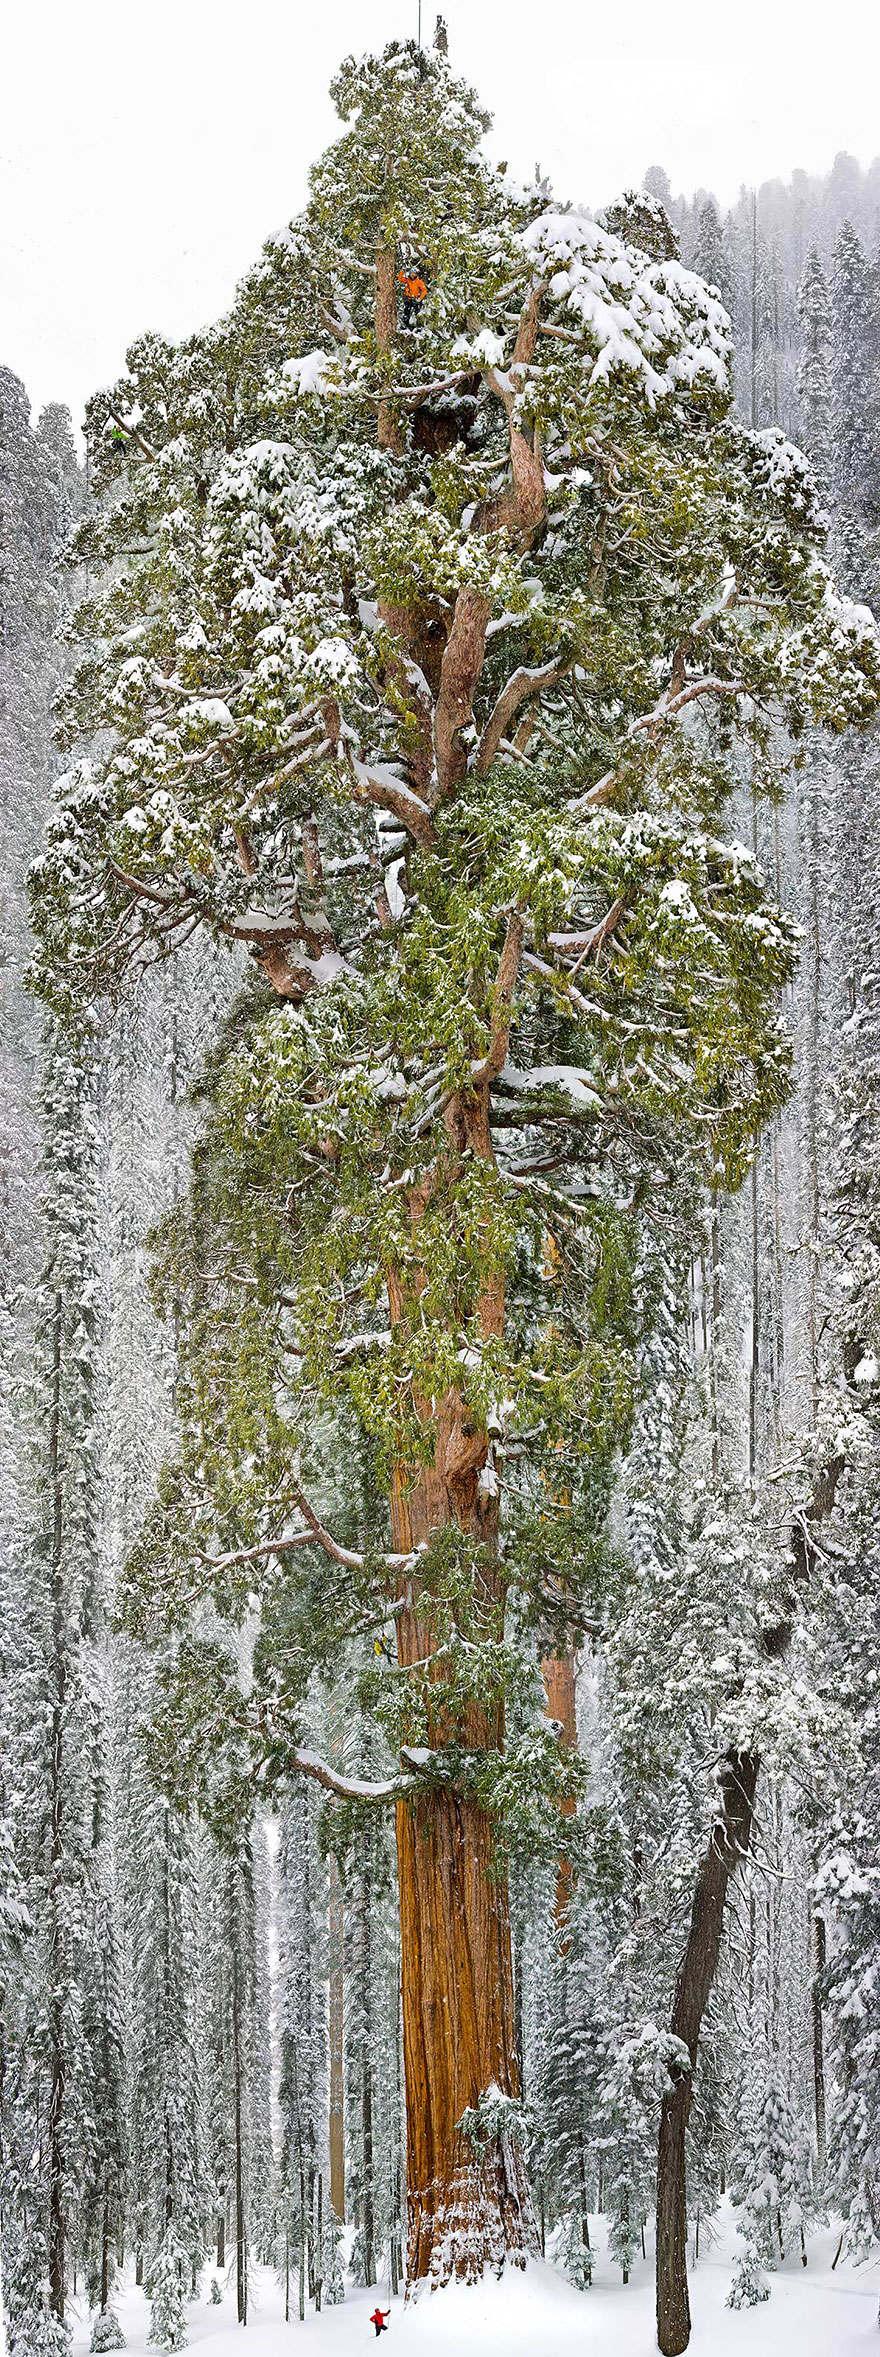 Miesto: Druhý najväčší strom (Sequoia) na svete, Národný park Kalifornia | Autor: Michael Nichols